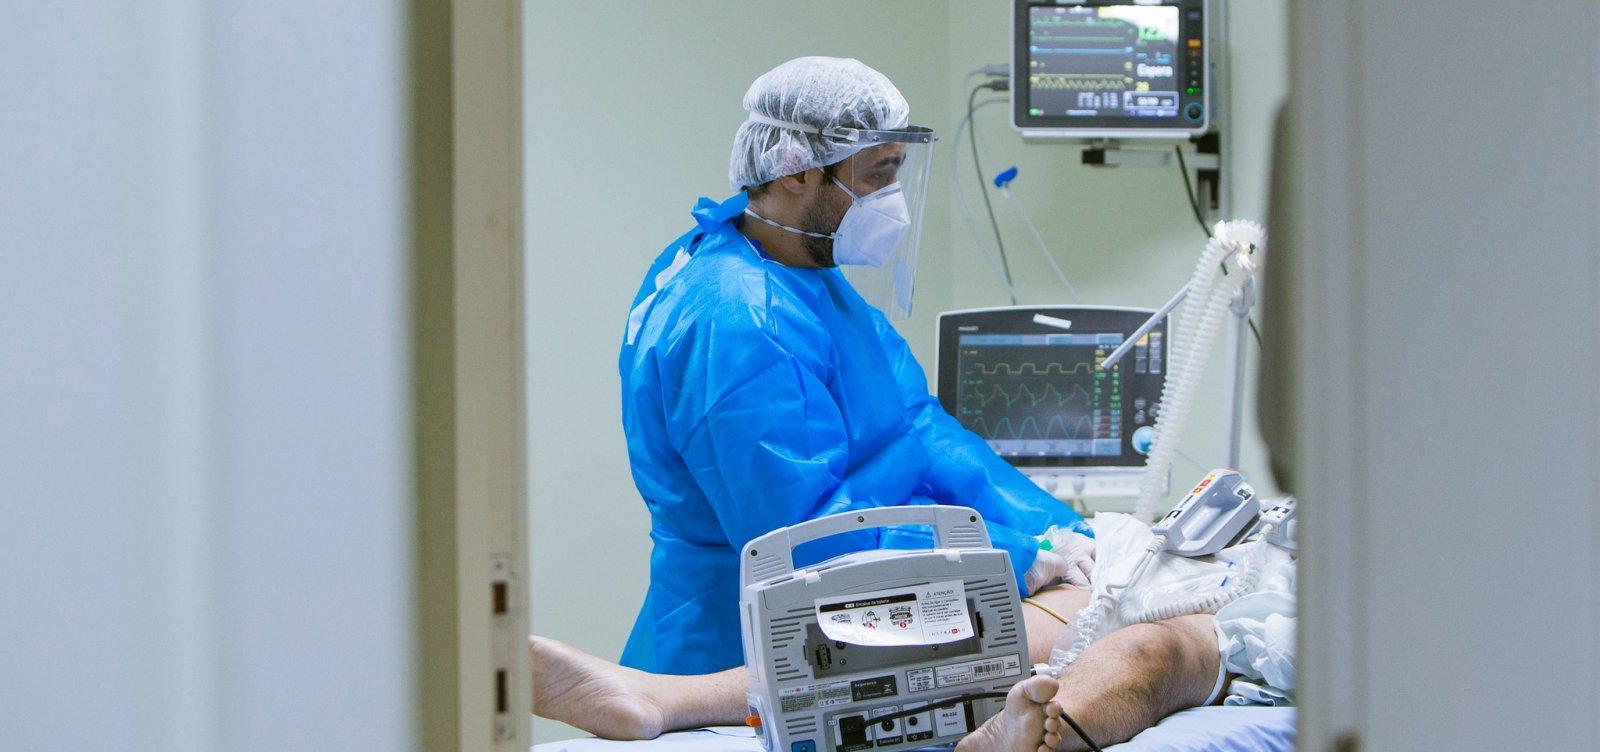 Salvador registra 756 novos casos de Covid-19 e 46 mortes pela doença em 24 horas